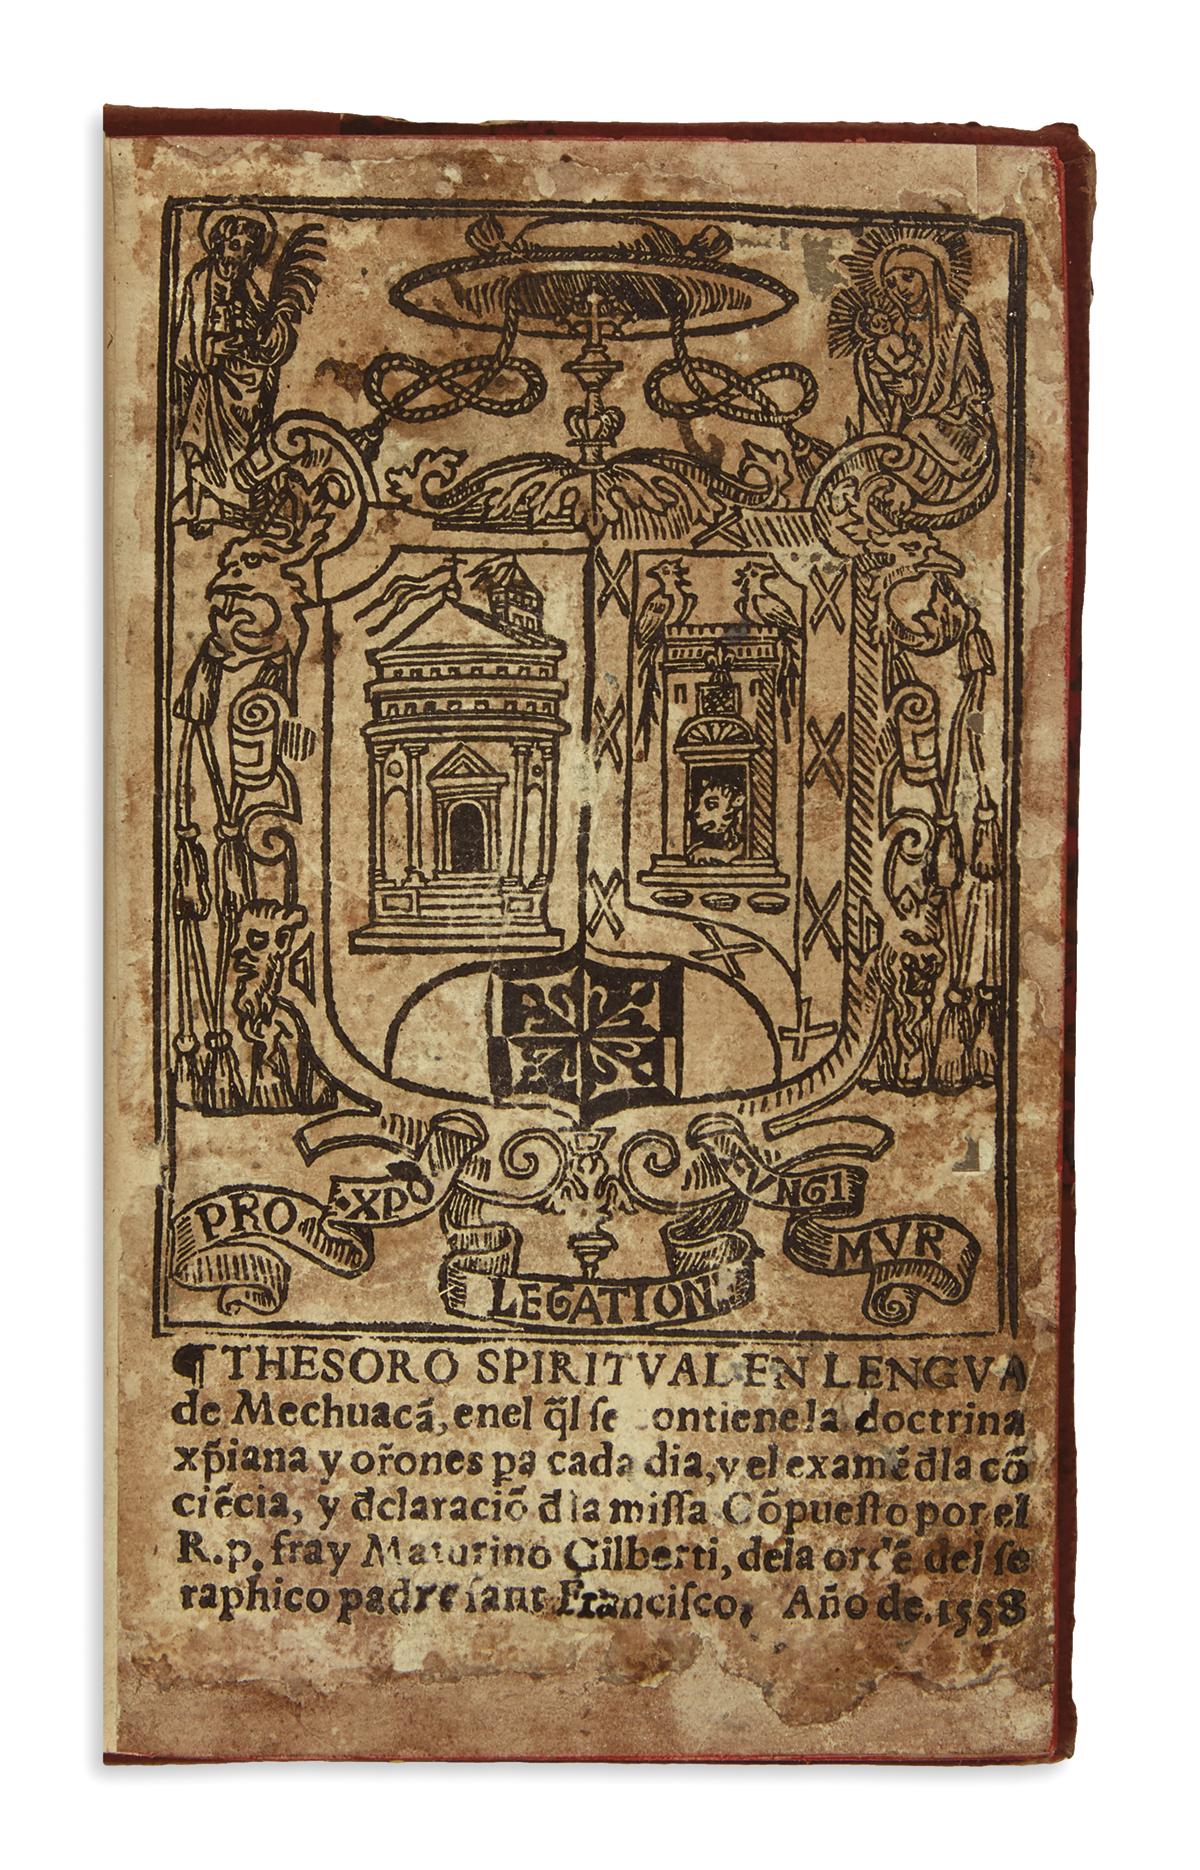 (MEXICAN IMPRINT--1558.) Gilberti, Maturino. Thesoro spiritual en lengua de Mechuacá.